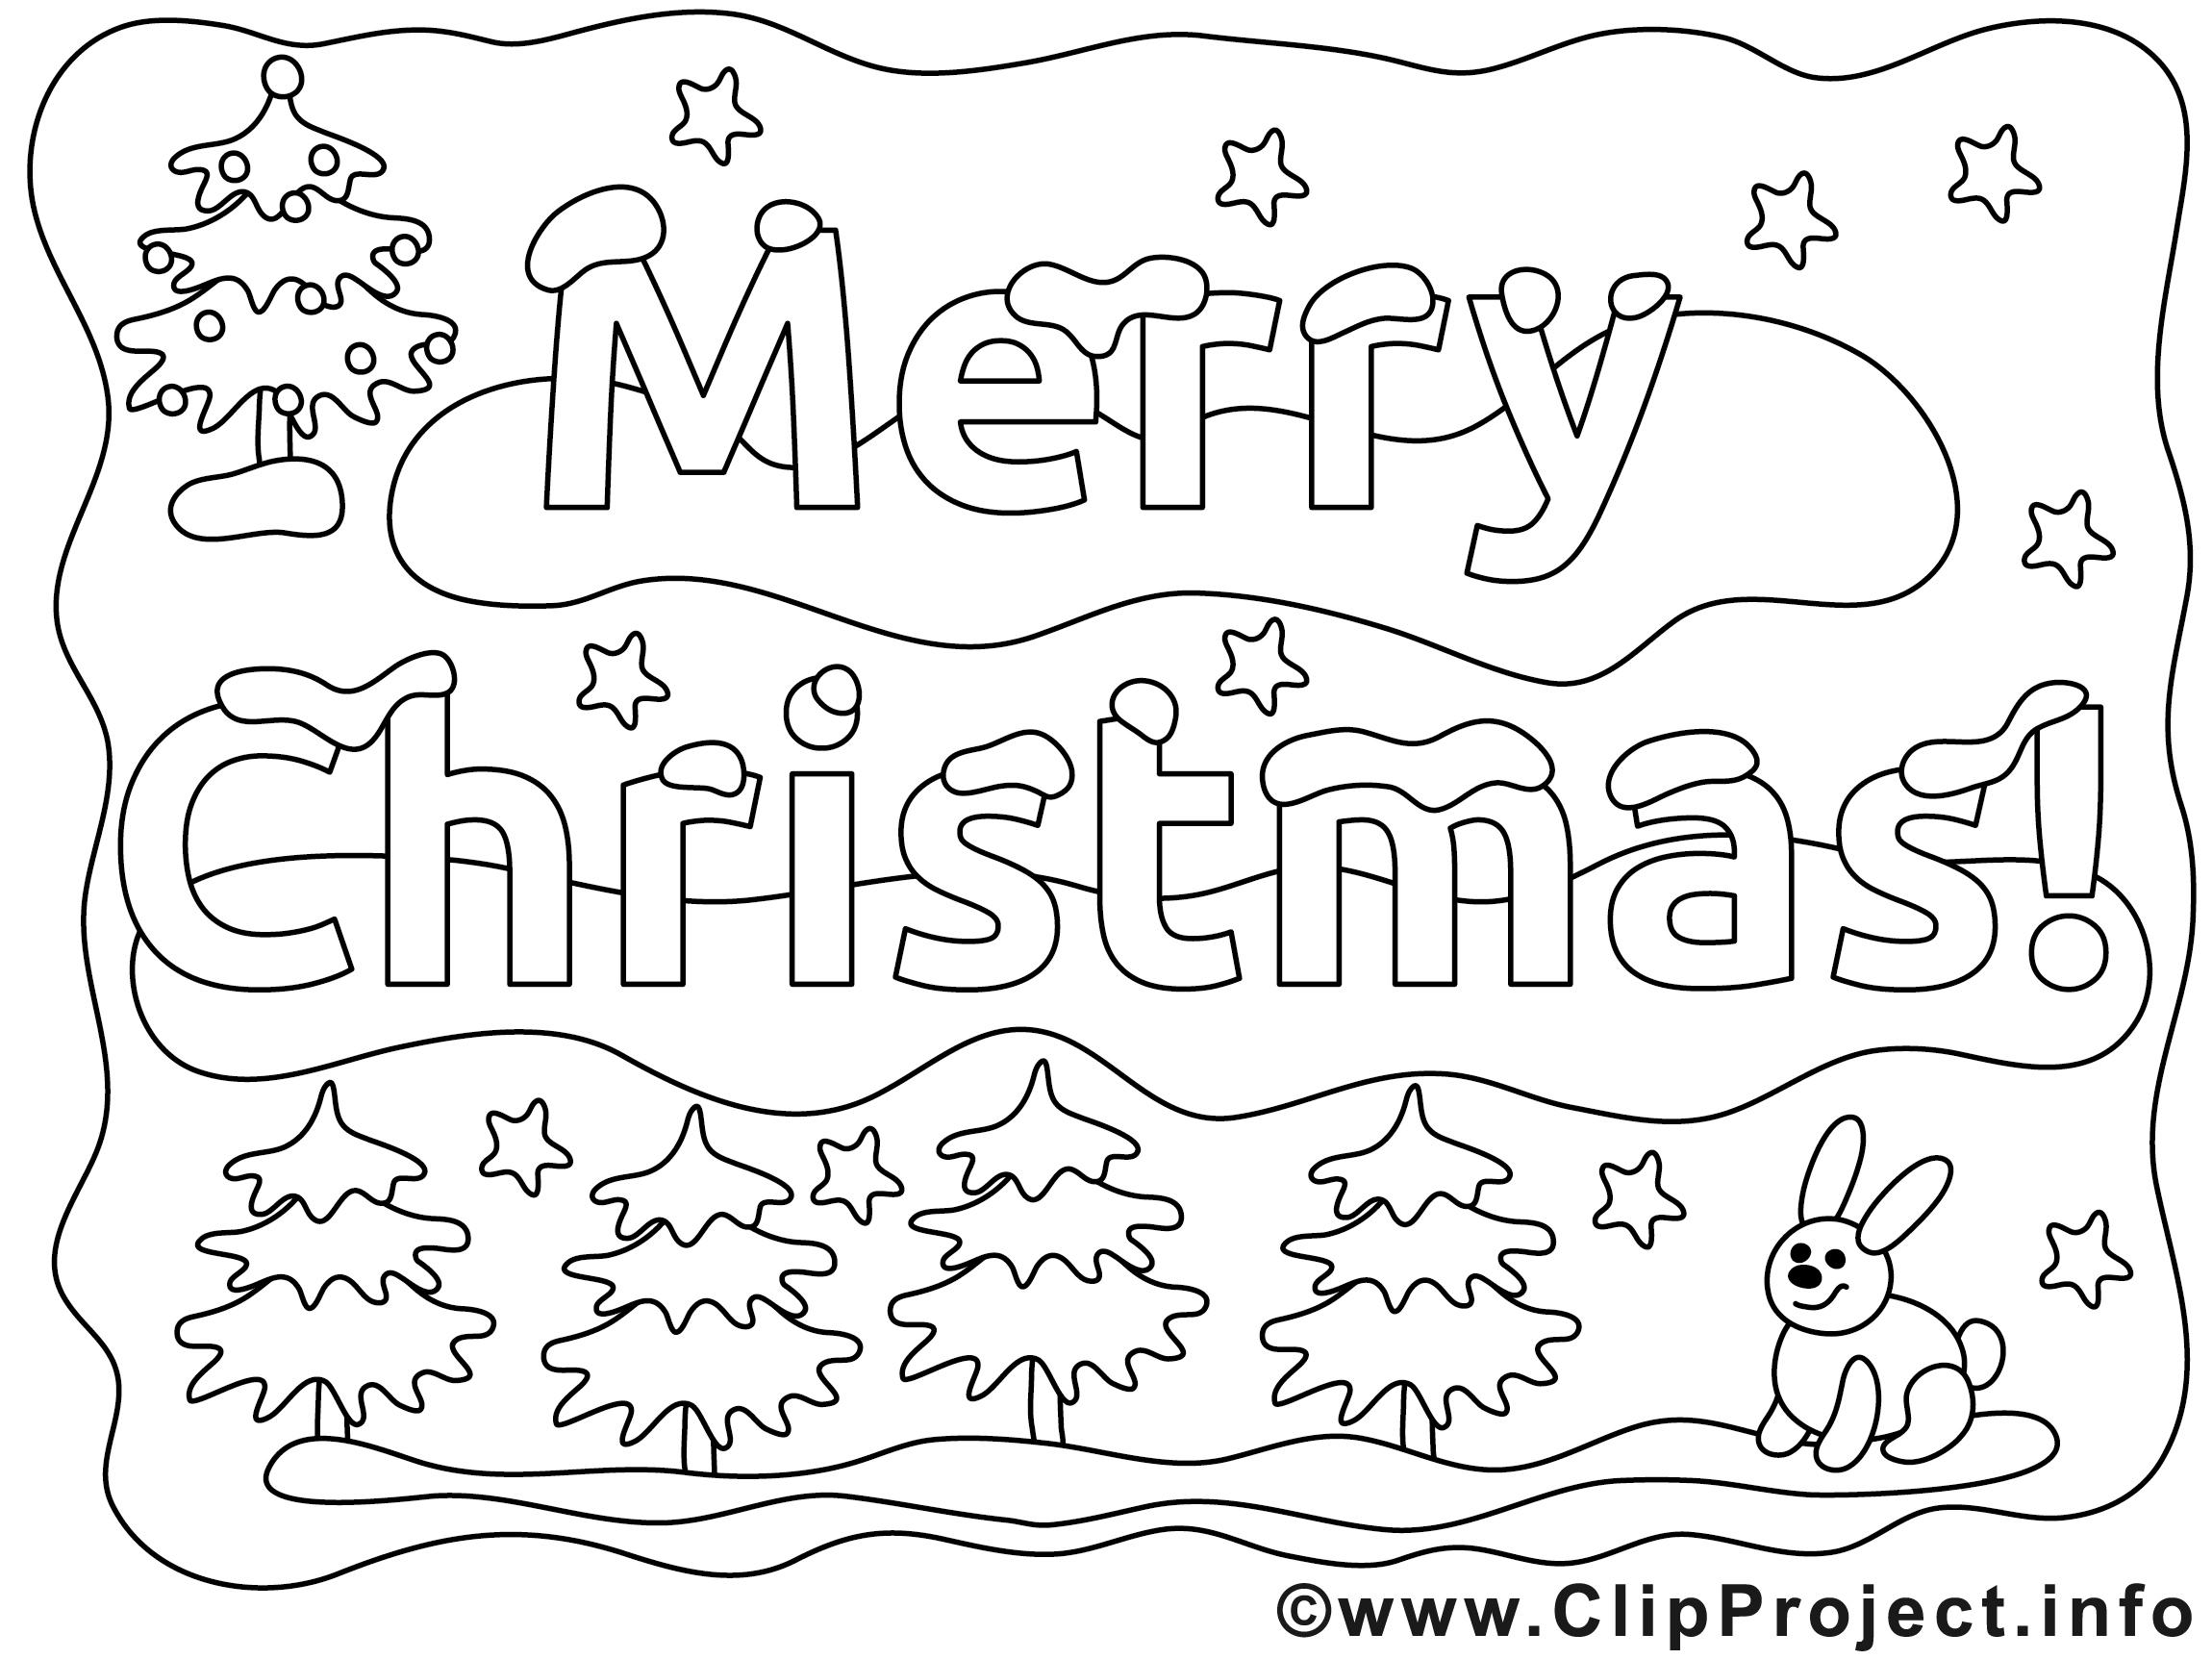 Gratis Malvorlagen Für Weihnachten | Coloring And Malvorlagan mit Malvorlagen Weihnachten Kostenlos